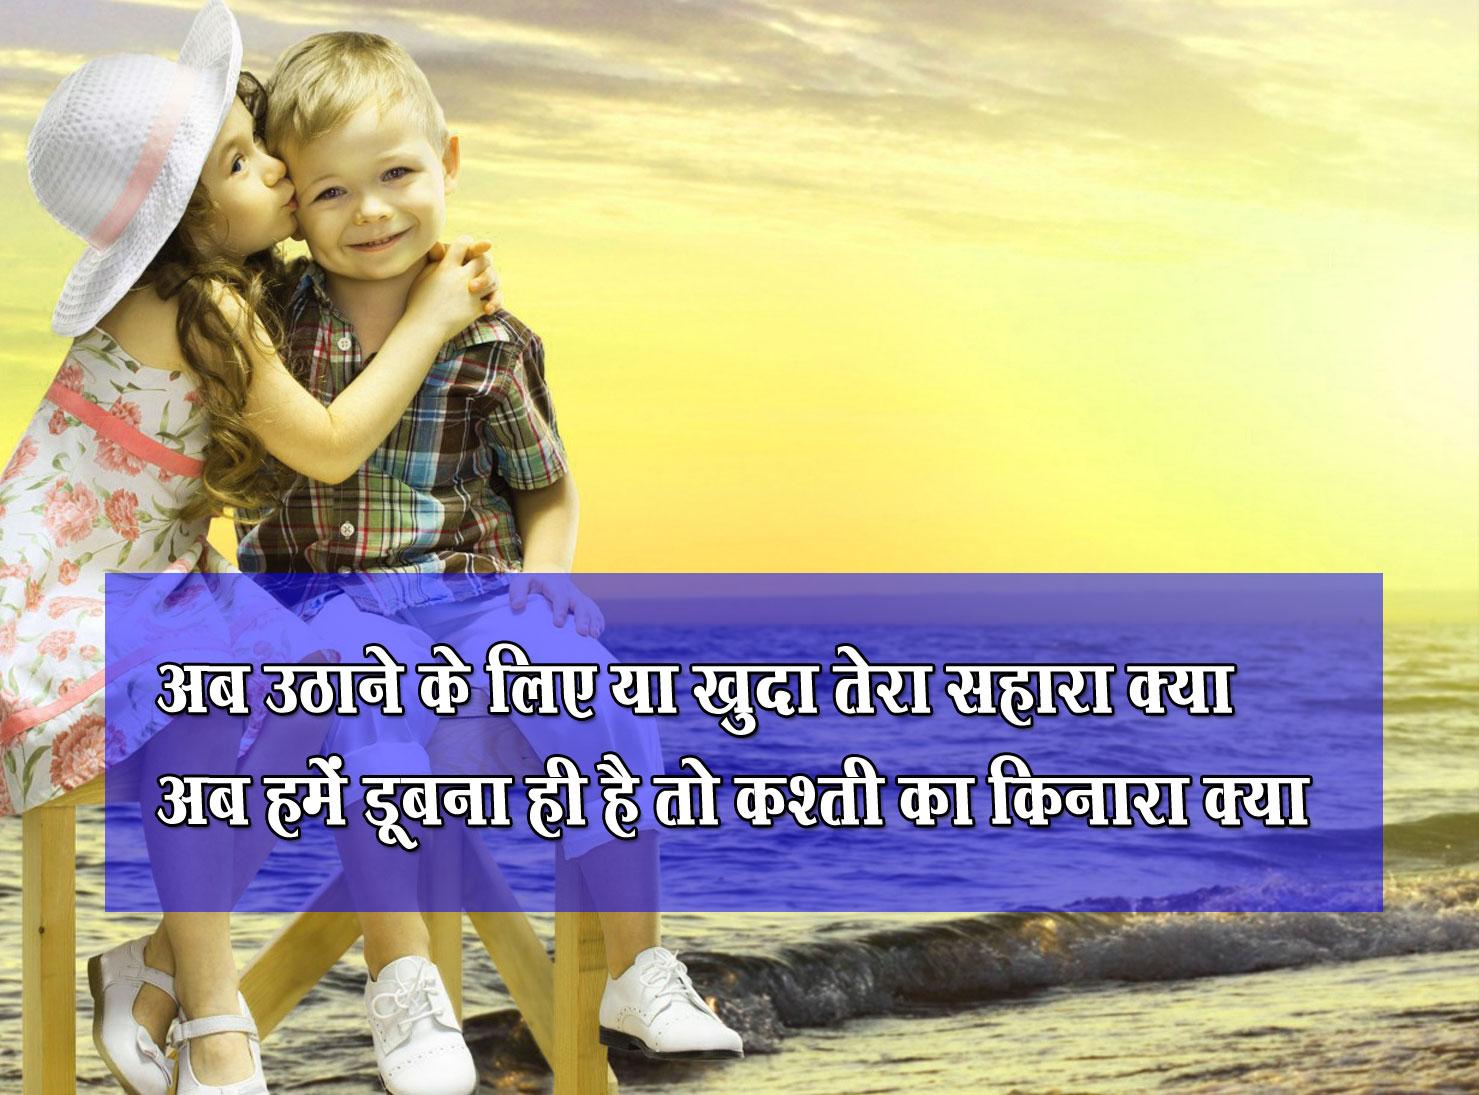 Shayari Images 22